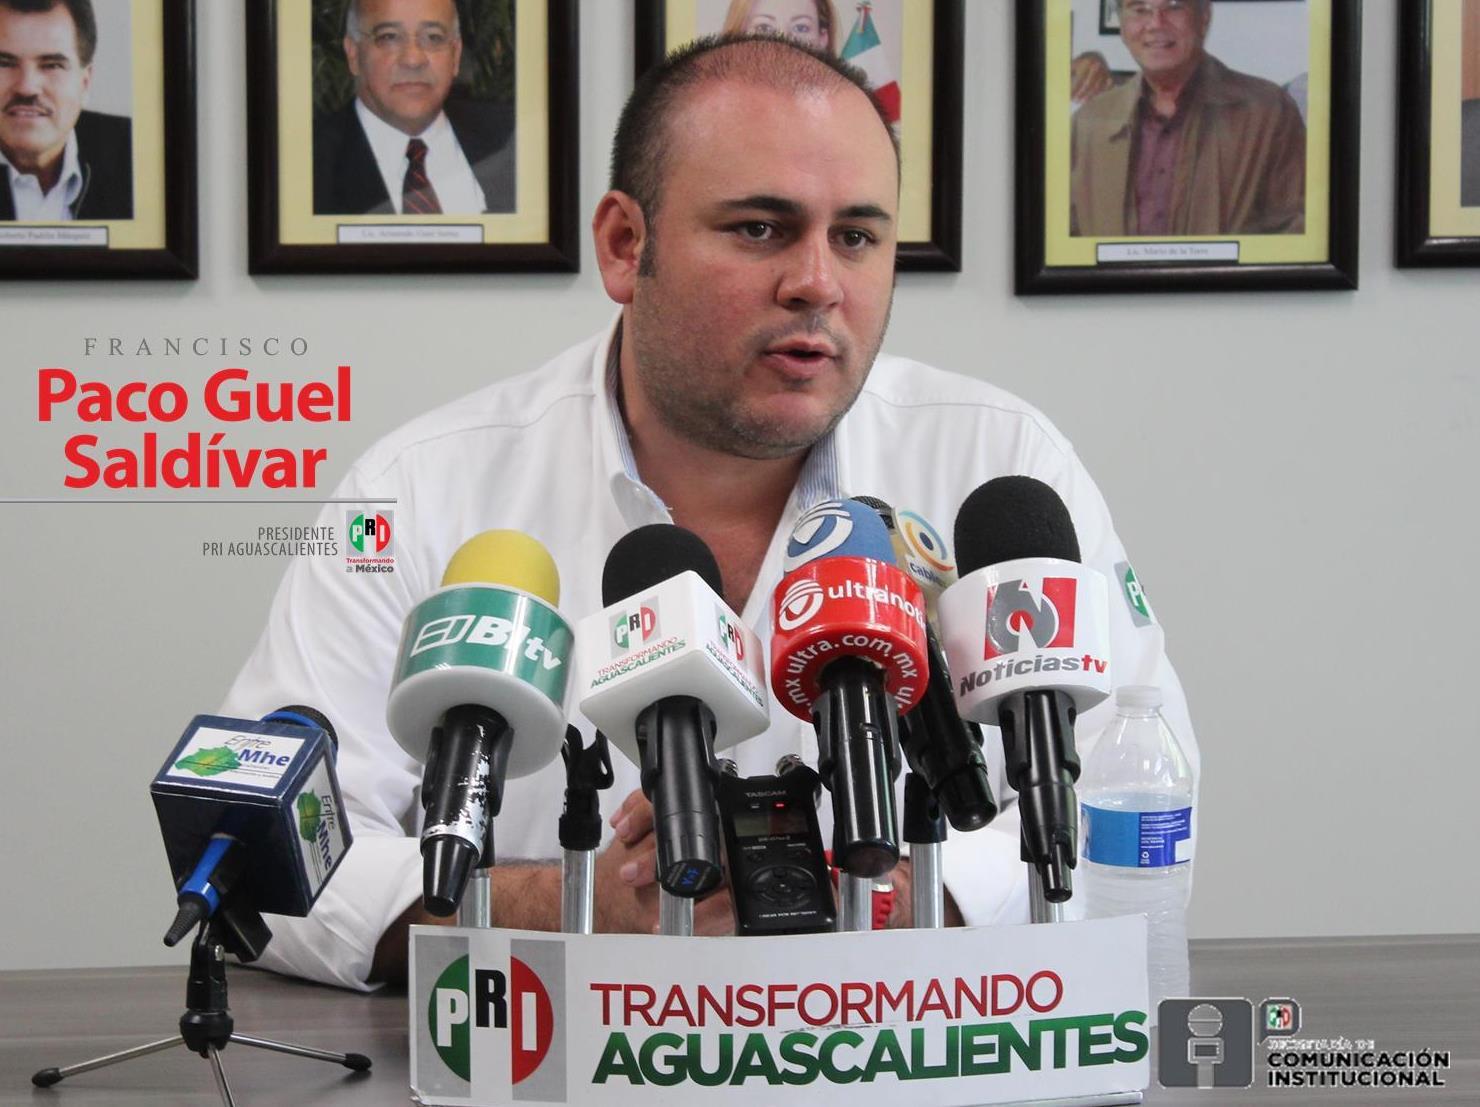 Día Mundial de la Población / Paco Guel